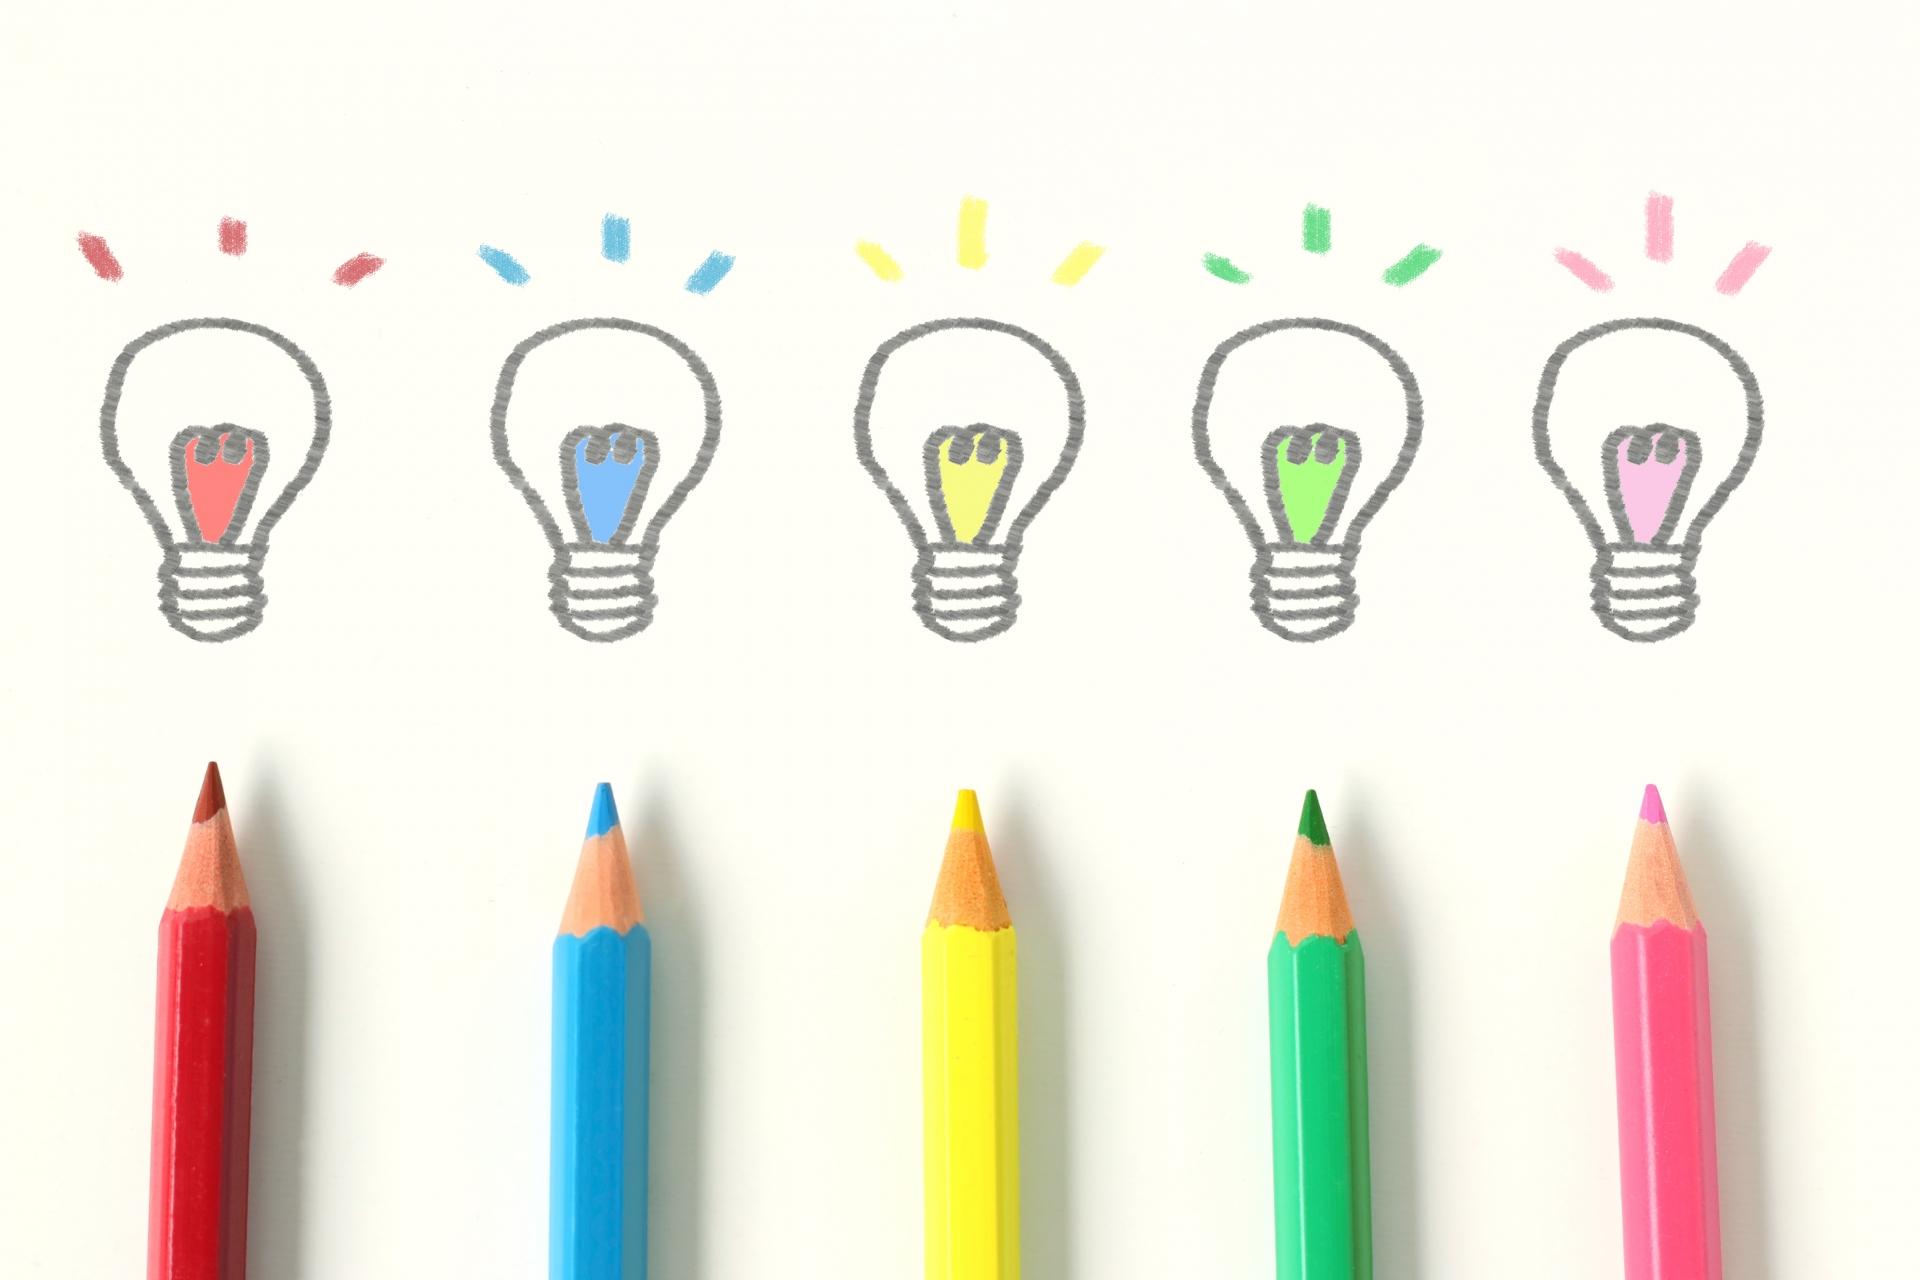 5色の色鉛筆と電球のイラスト